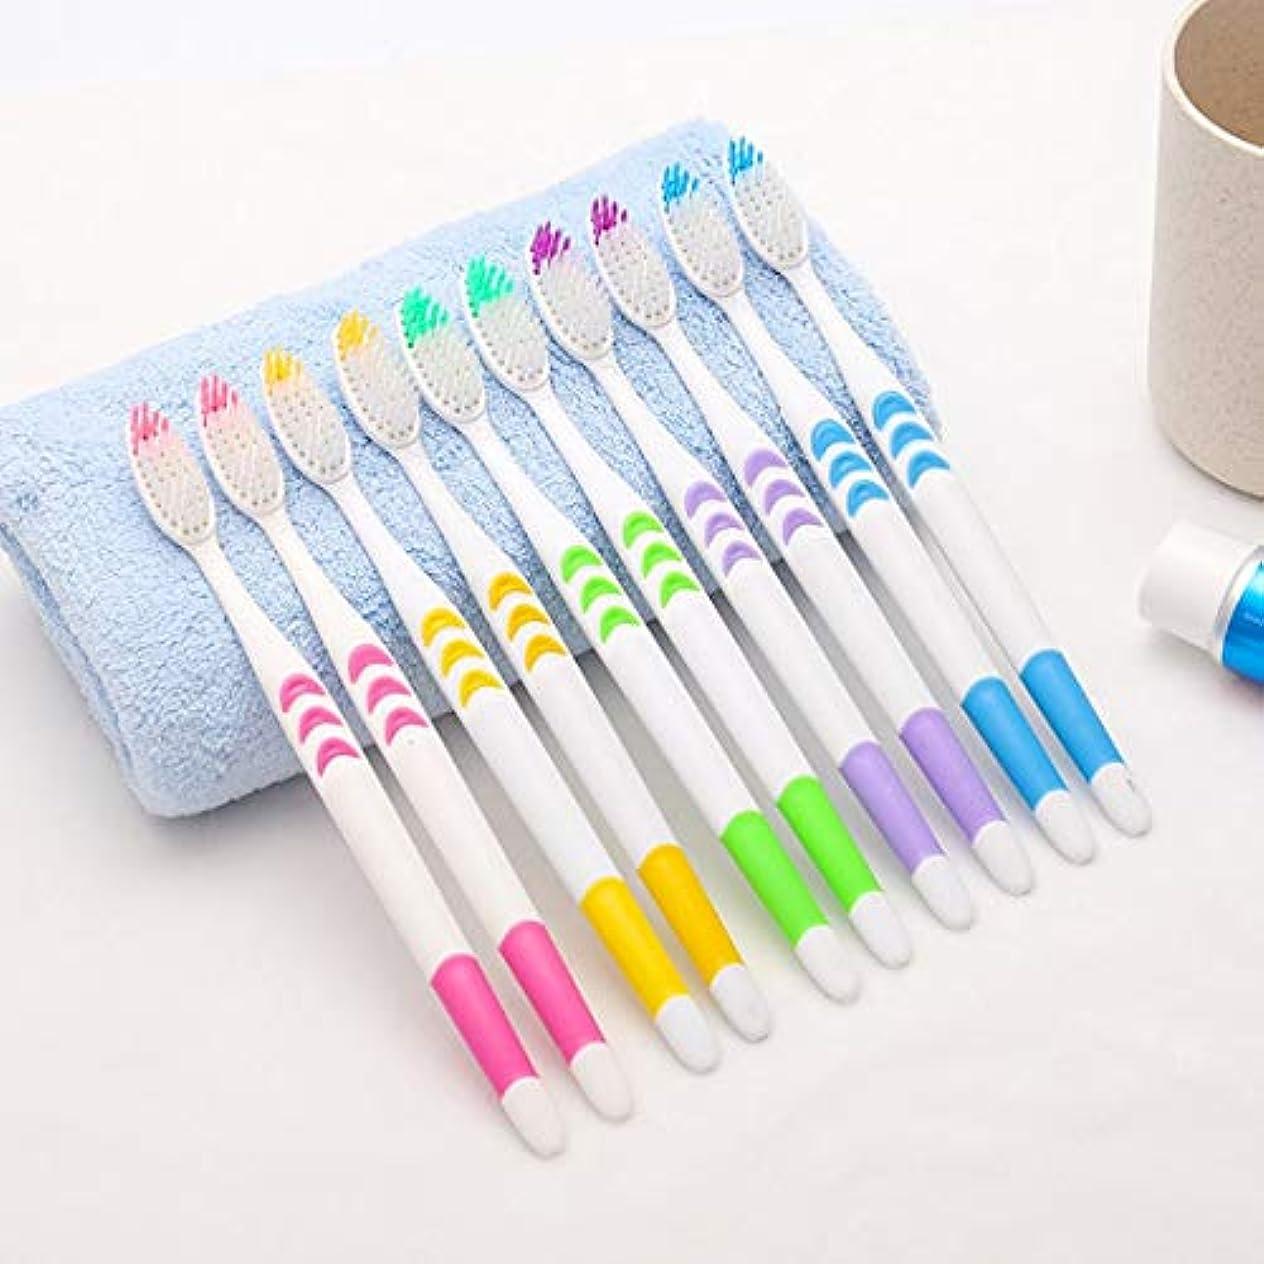 抵抗うれしい一方、10ピースセットホームファミリー大人の滑り止め歯ブラシポータブルソフト歯ブラシクリーニング歯ガードツール (PandaWelly)